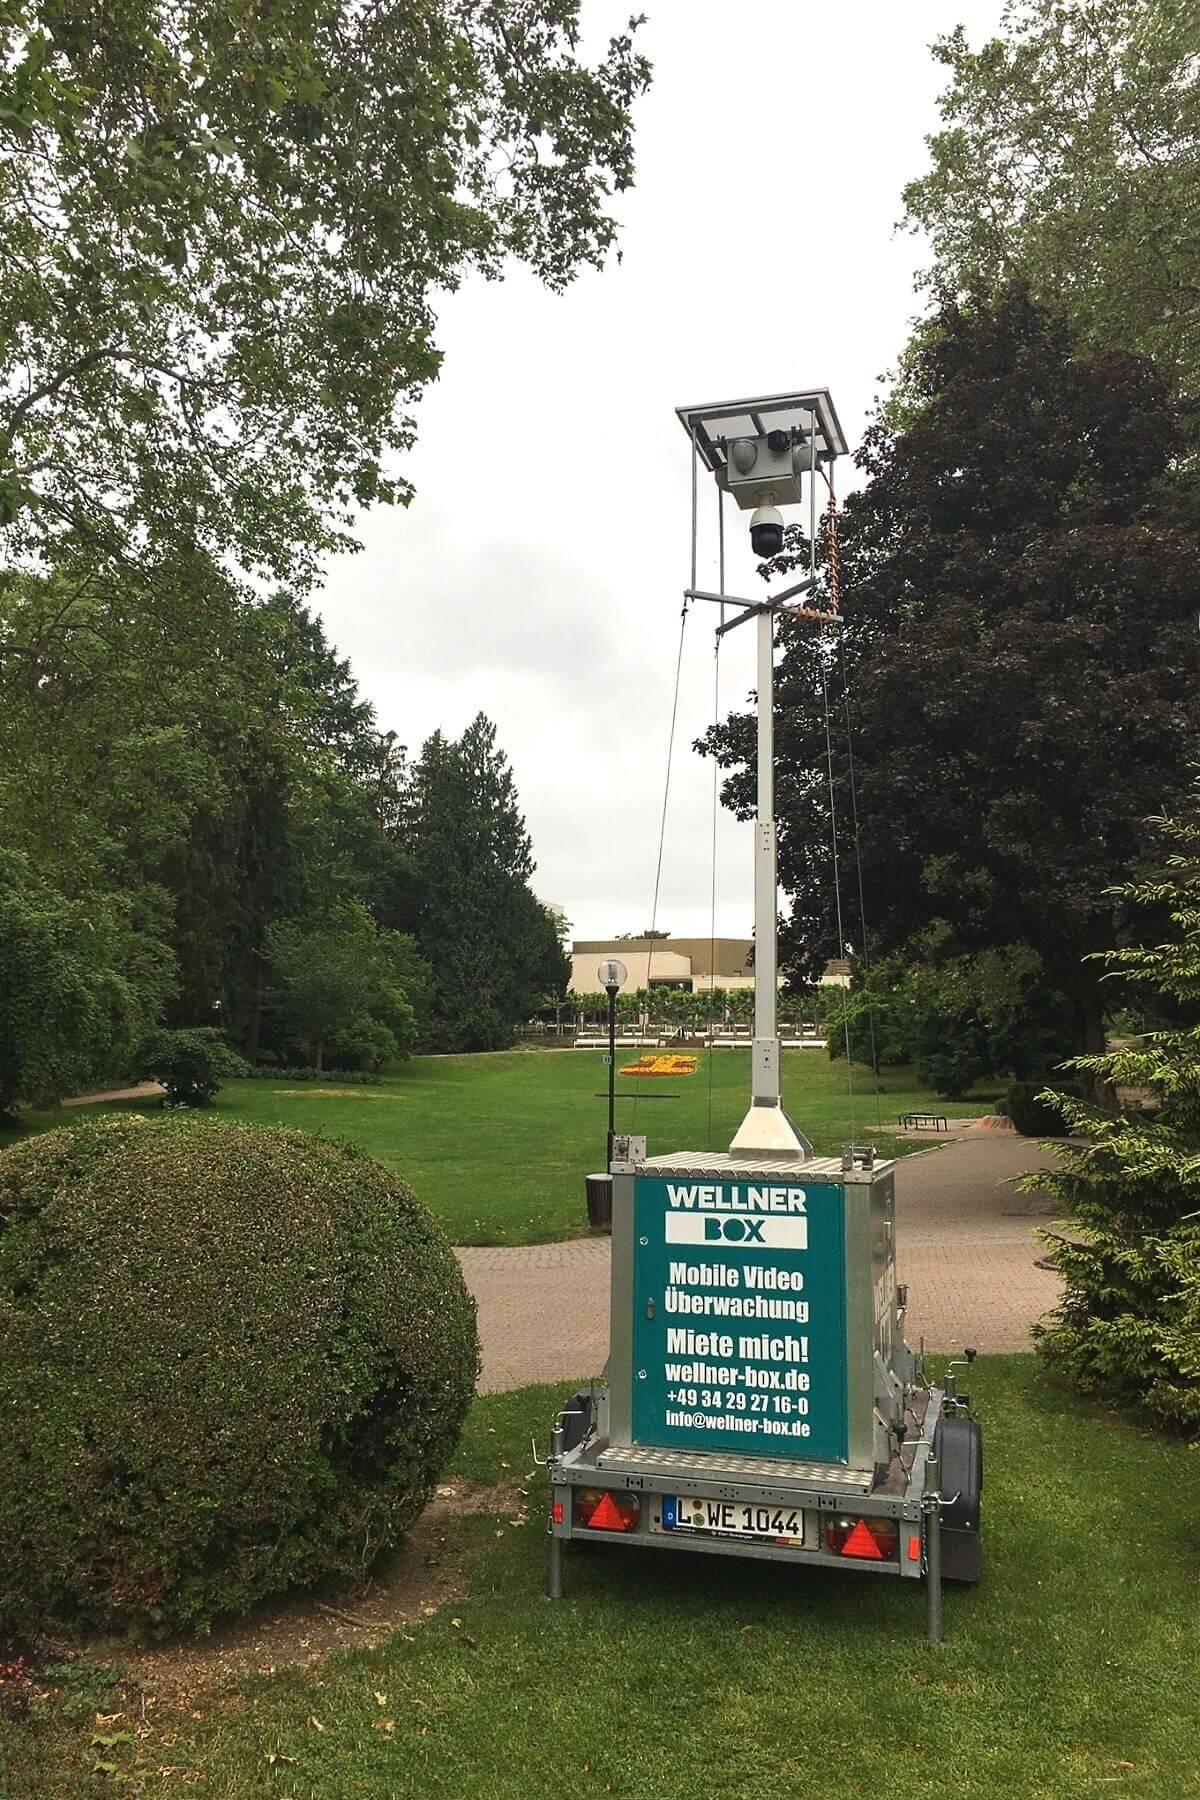 Veranstaltungsüberwachung vom 07.-16. Juni in Bad Soden